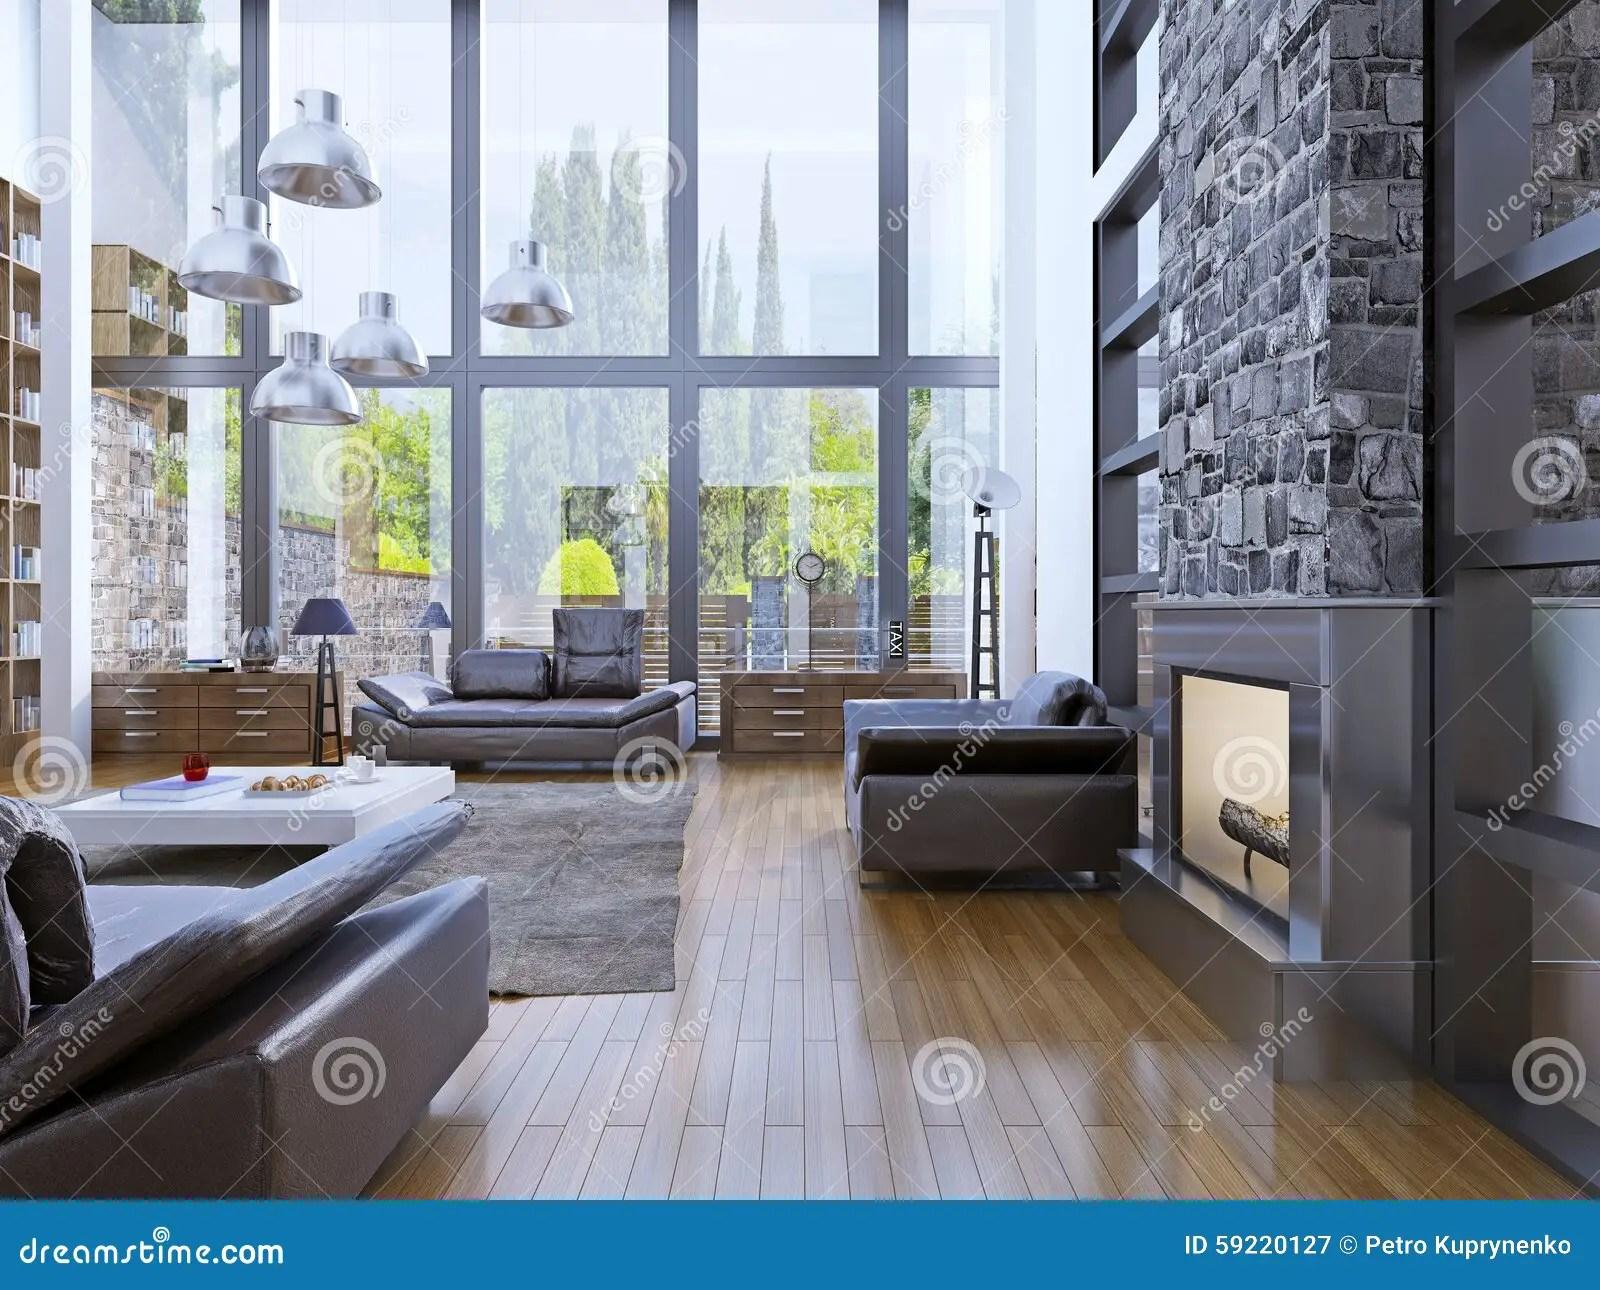 Loft Apartment Interior Design With Panoramic Window